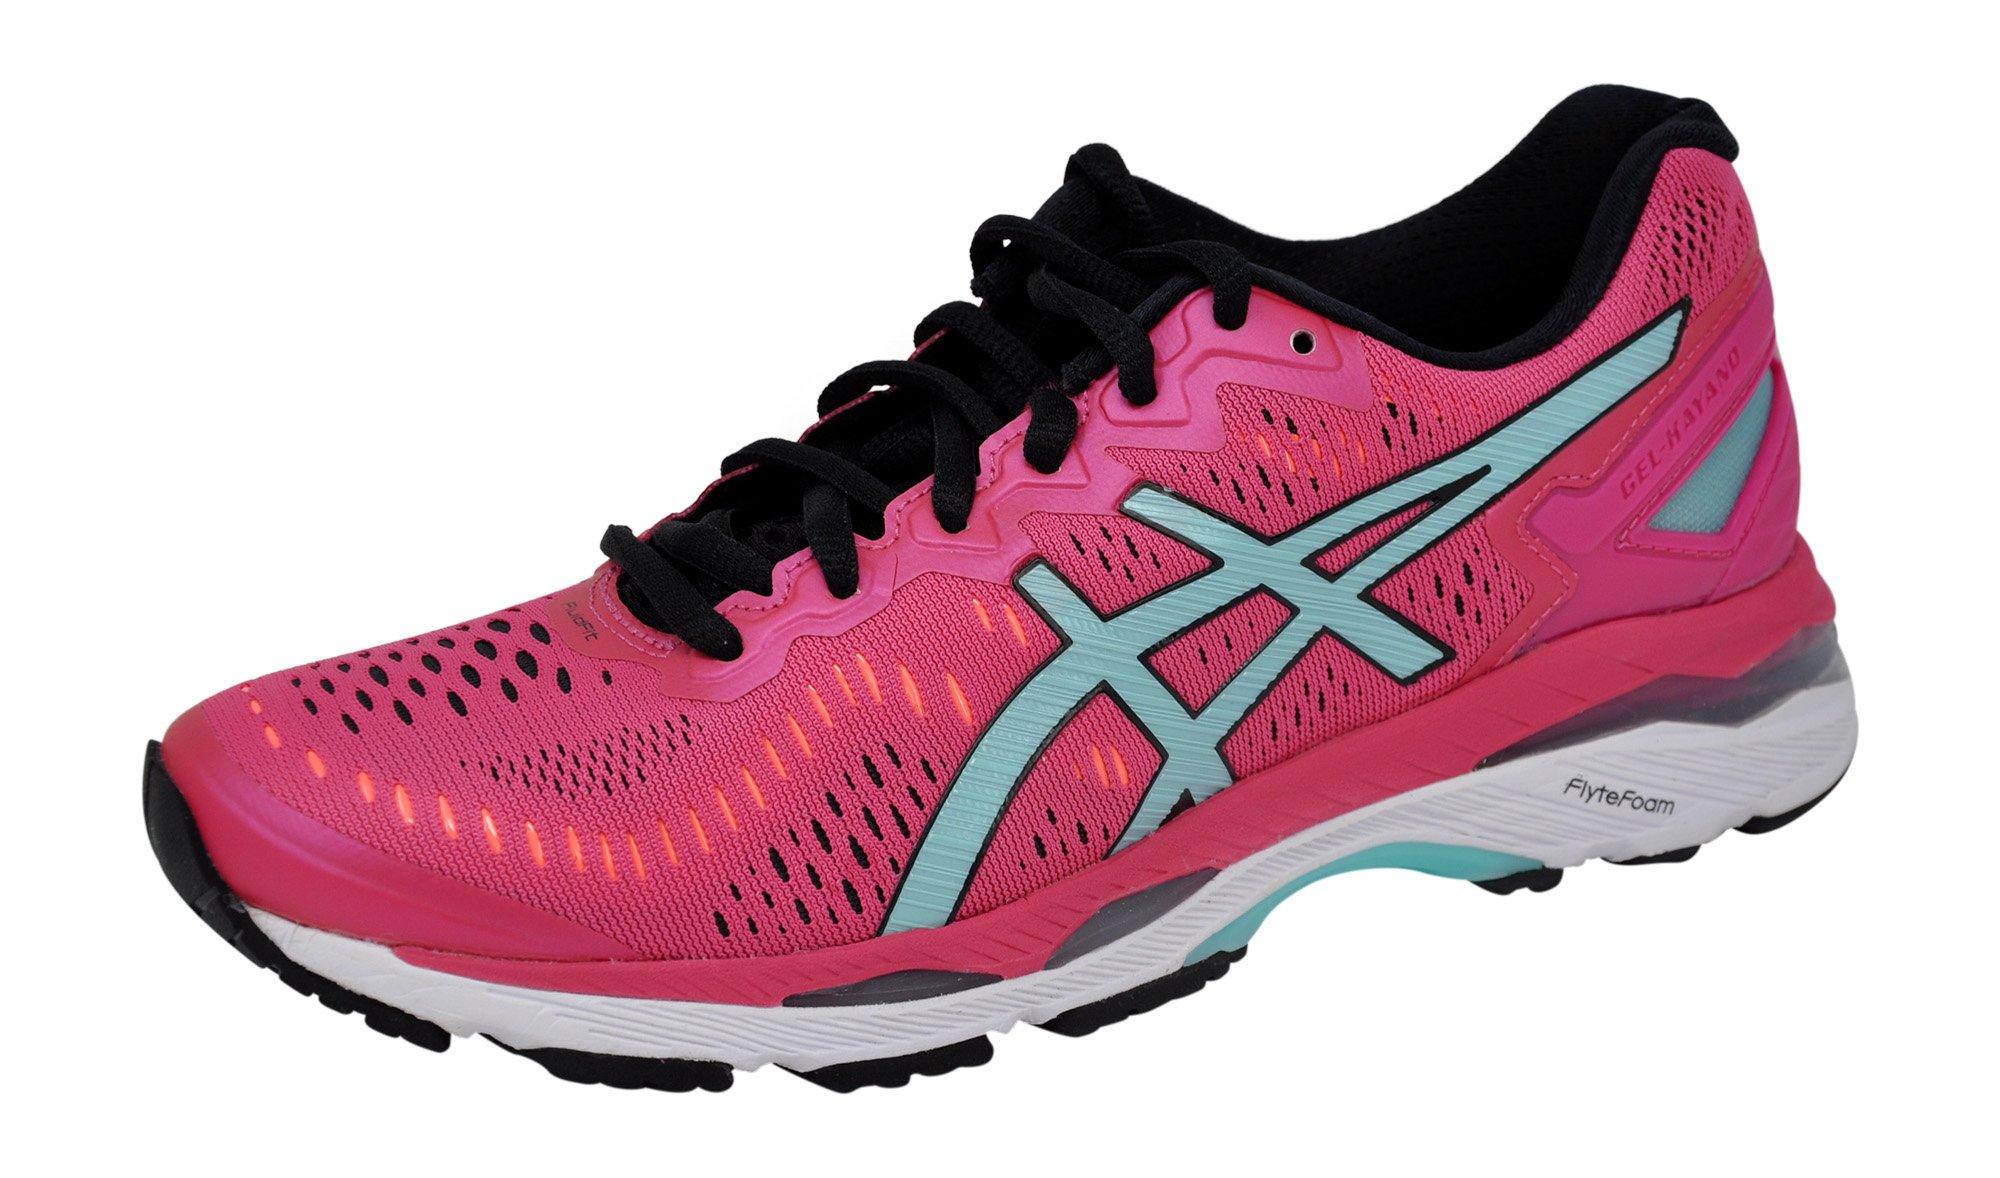 ASICS Womens Gel-Kayano 23 Running Shoe, Pink/Blue/Coral, 9 B(M) US